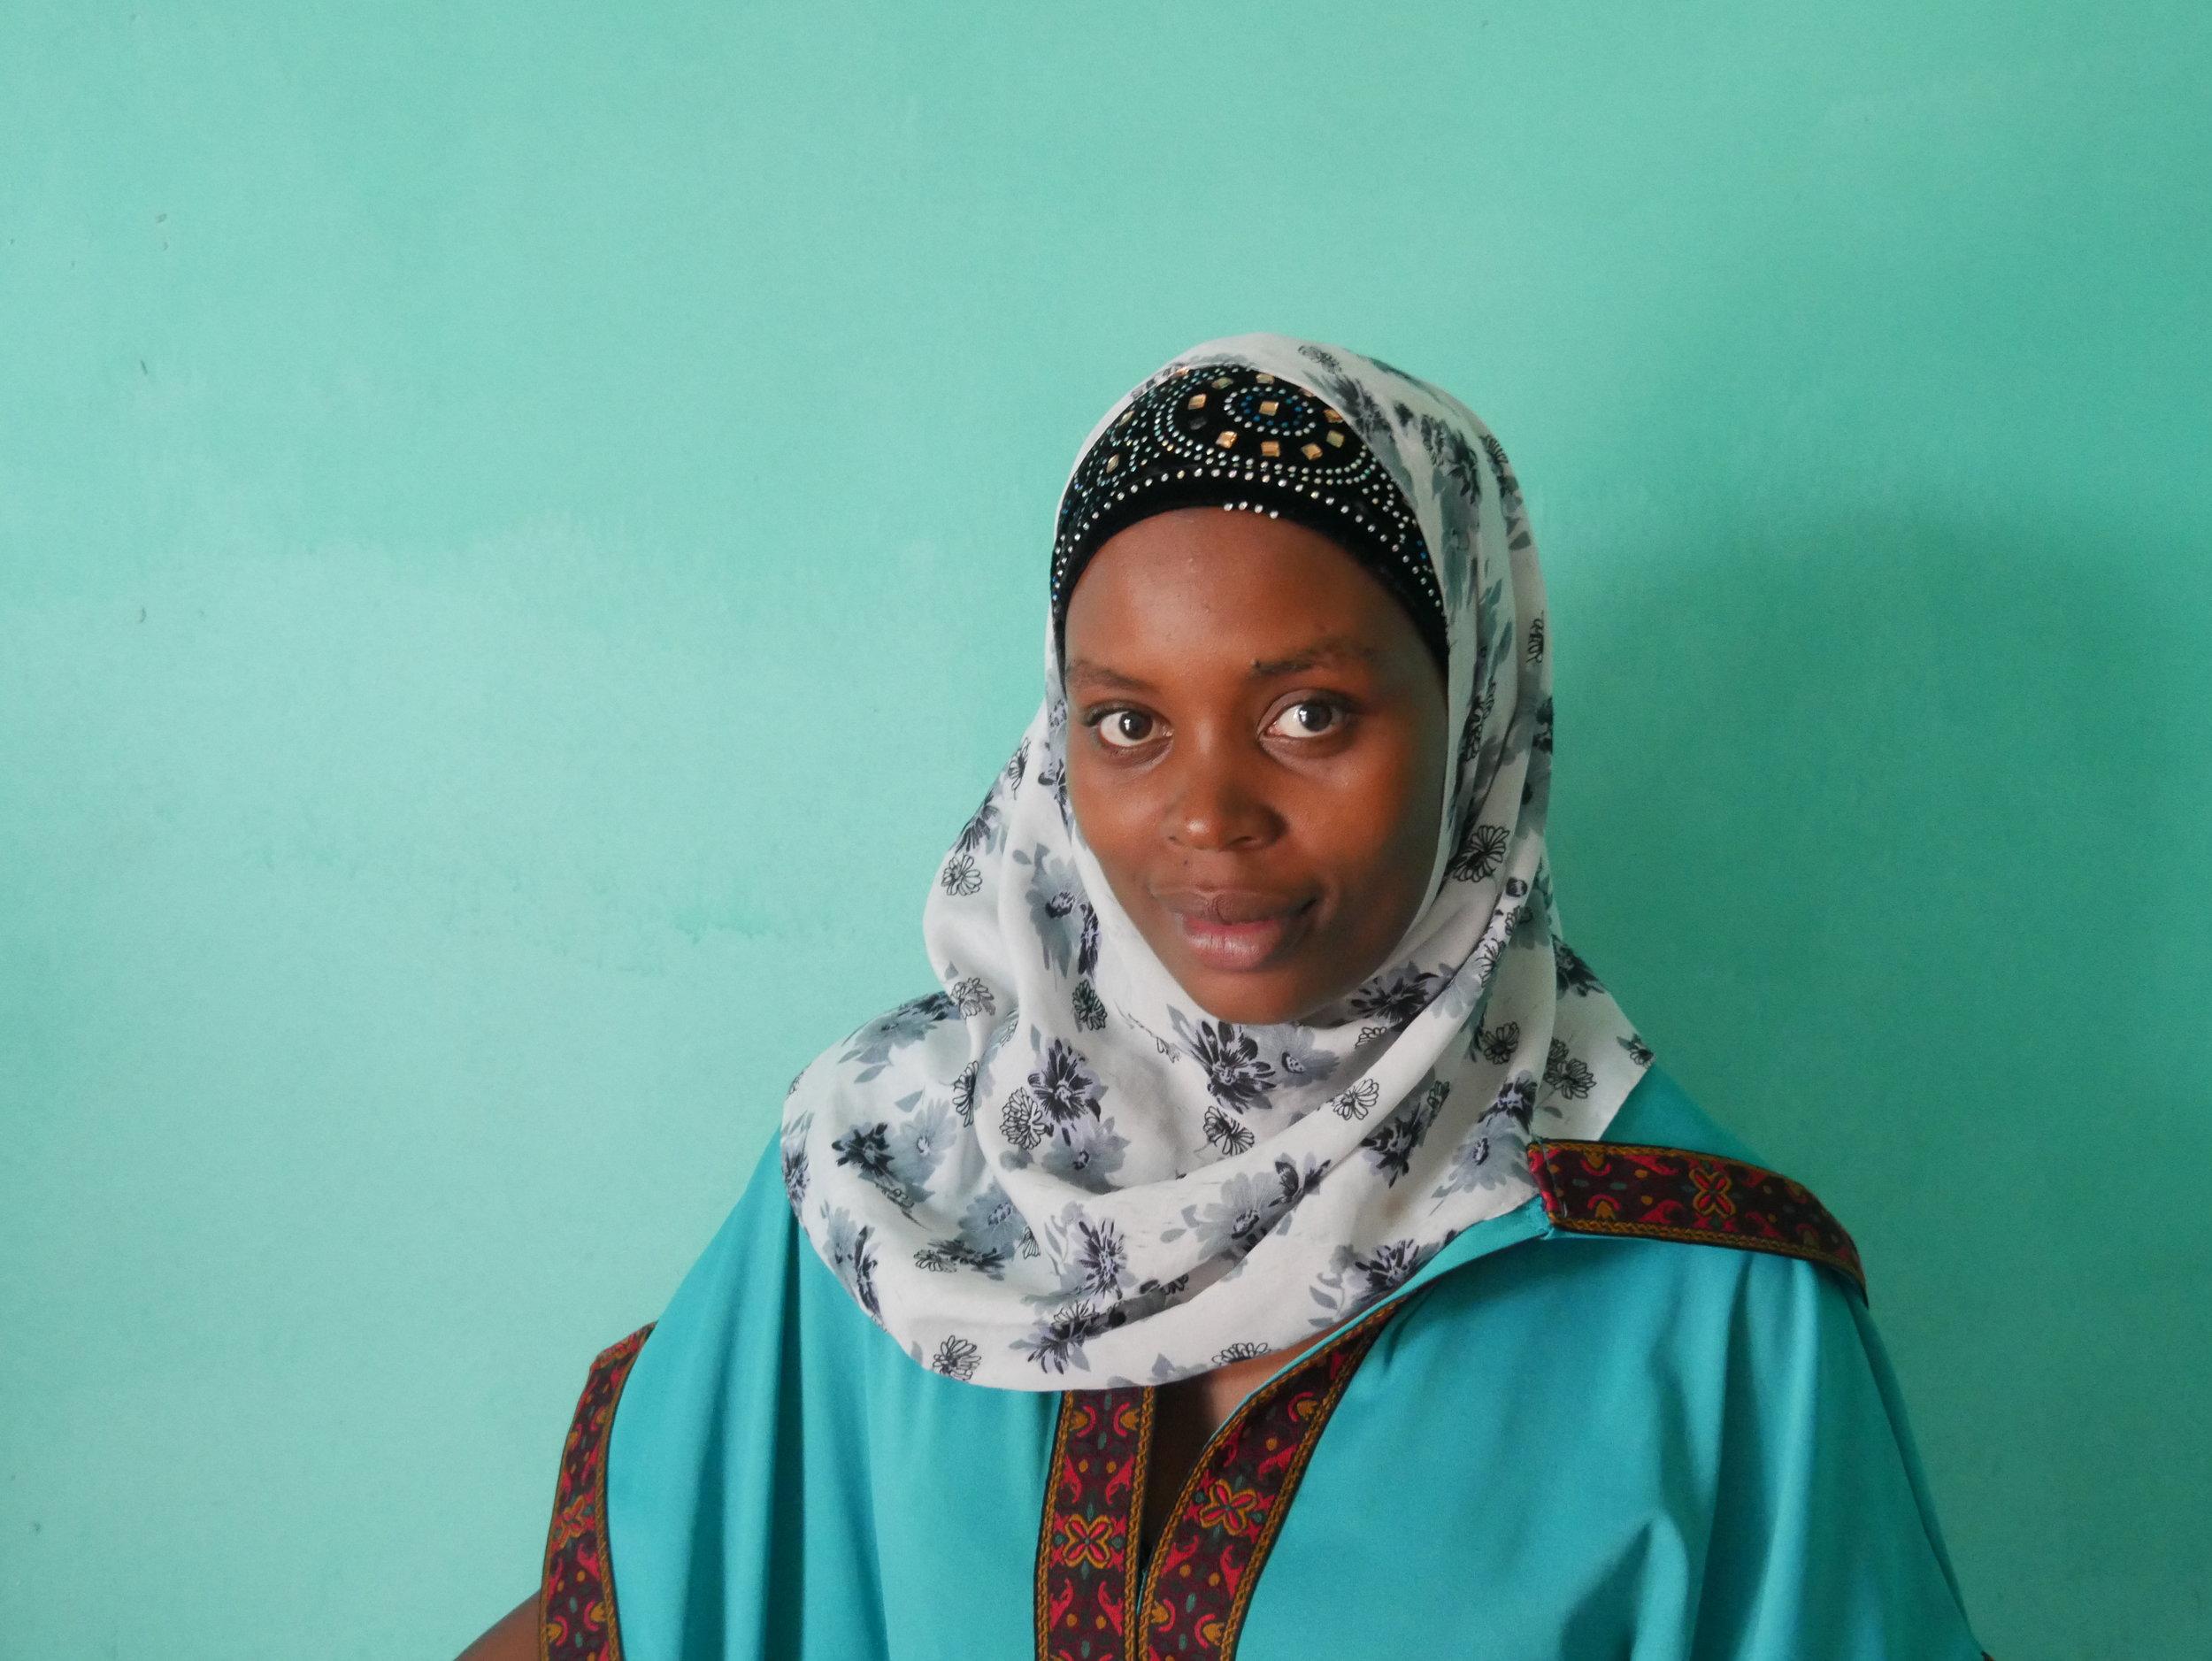 Rukayyah_YARID_Womens Empowerment.JPG